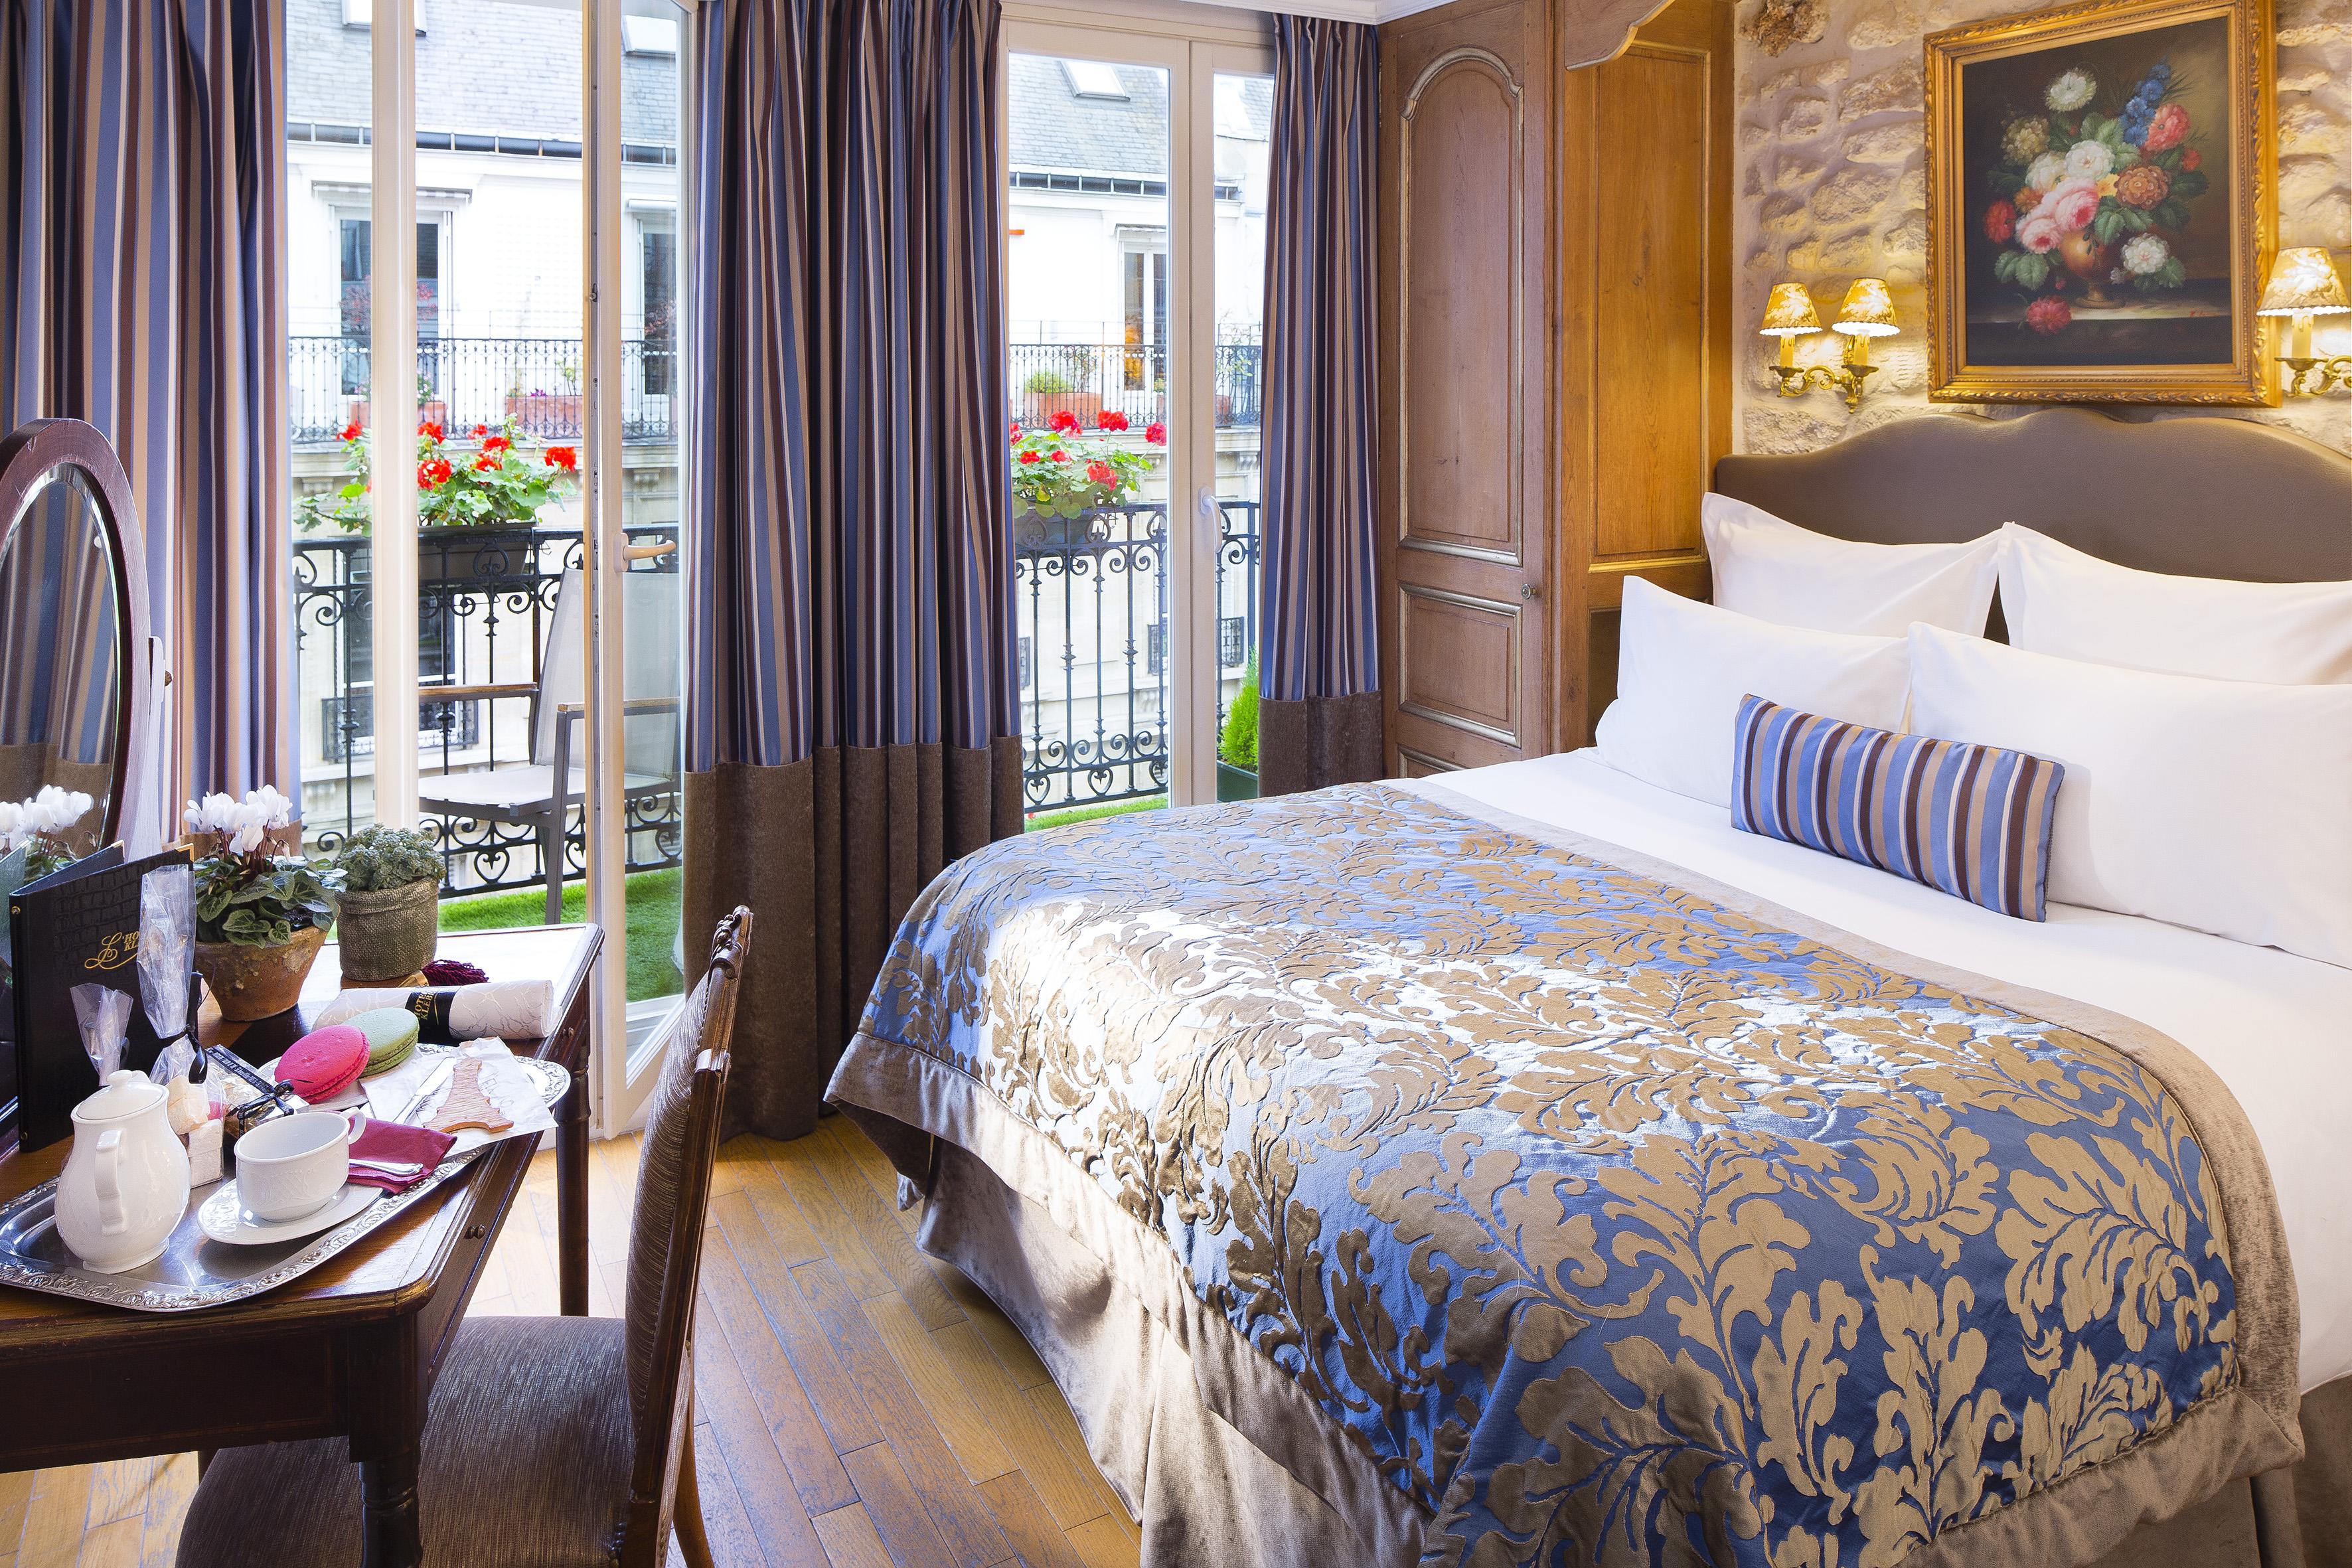 Chambres   Hôtel Kléber Champs-Élysées Tour-Eiffel Paris